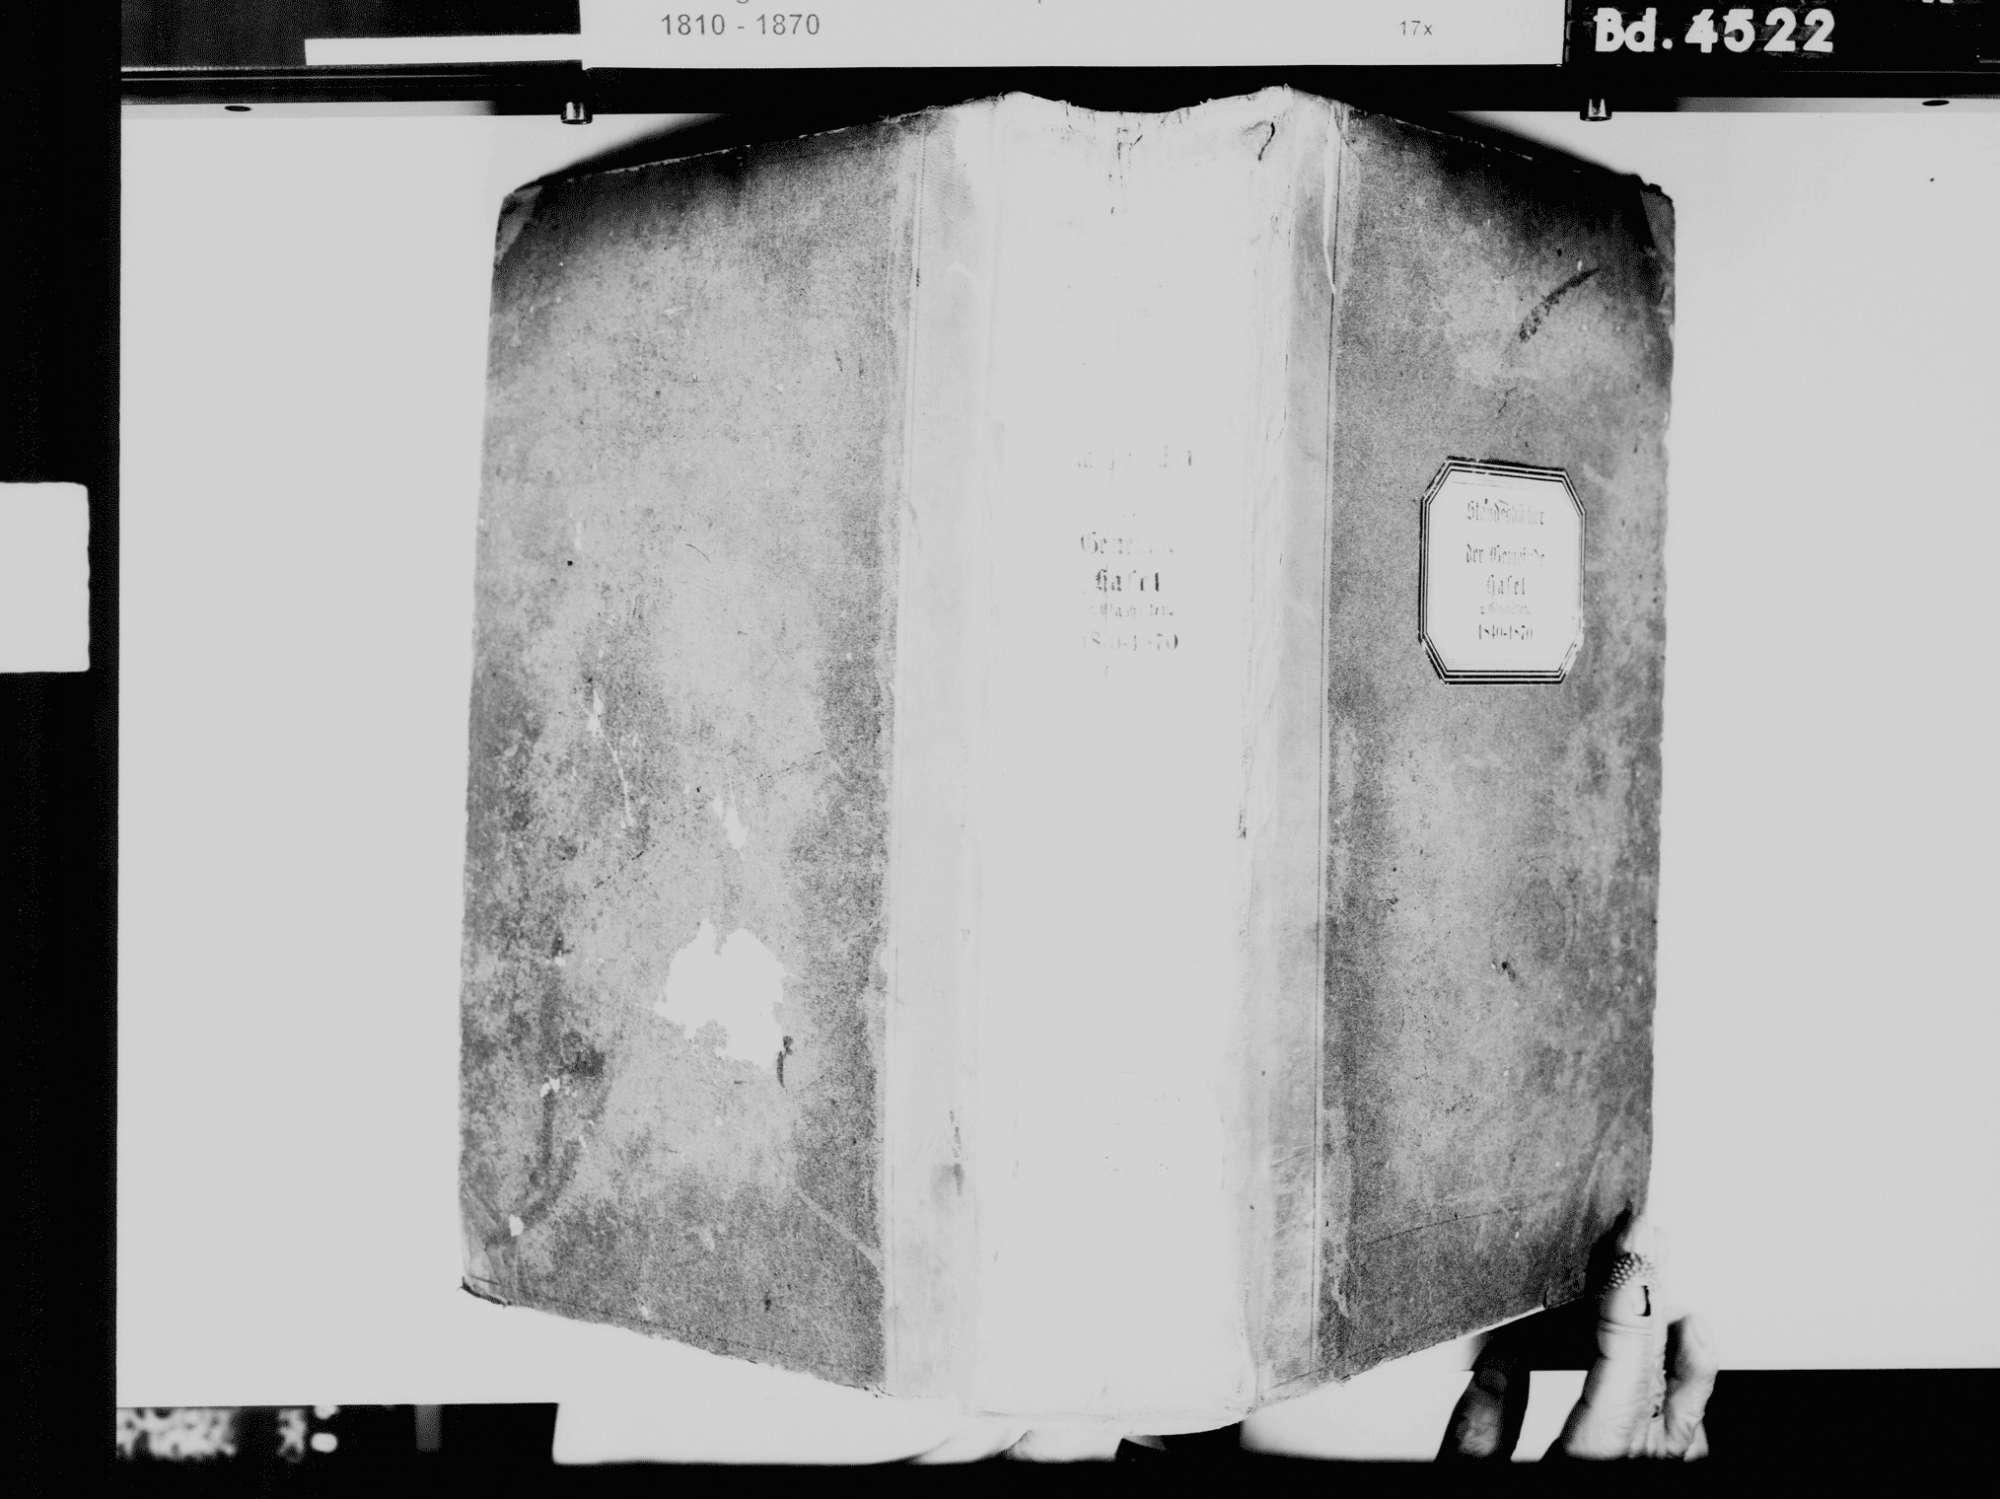 Hasel LÖ, Evangelische Gemeinde: Standesbuch 1840-1870, Bild 2